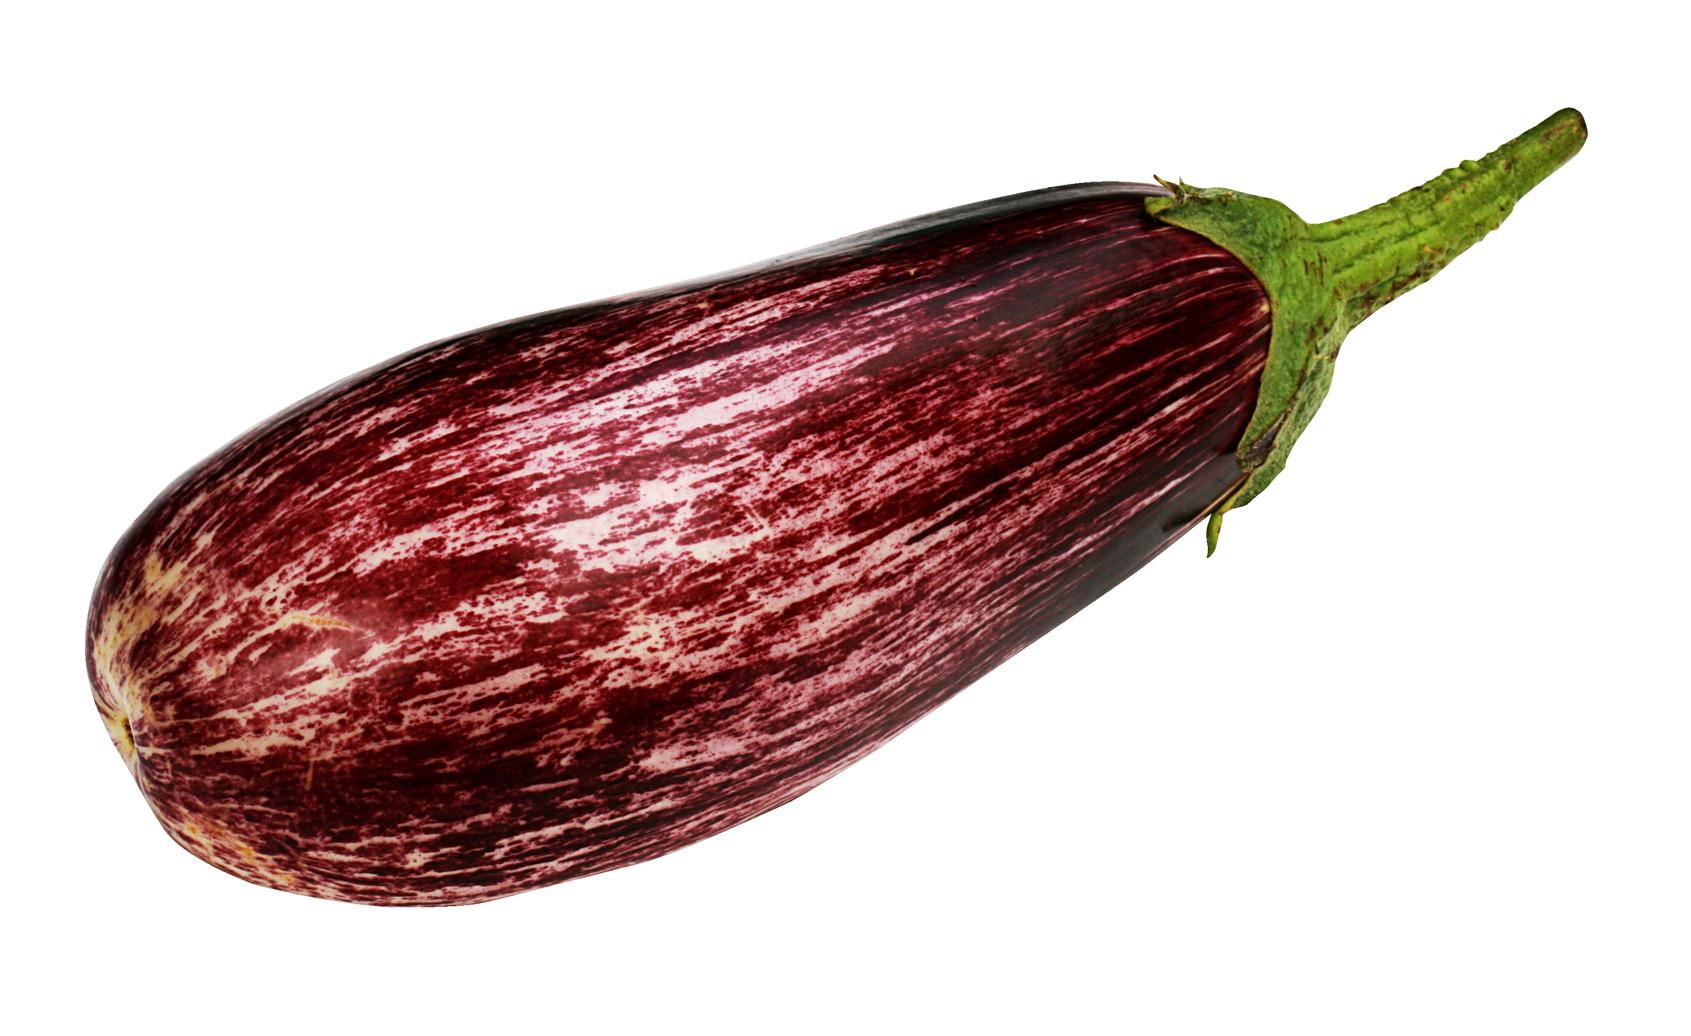 Garden clipart eggplant. Purple png image purepng